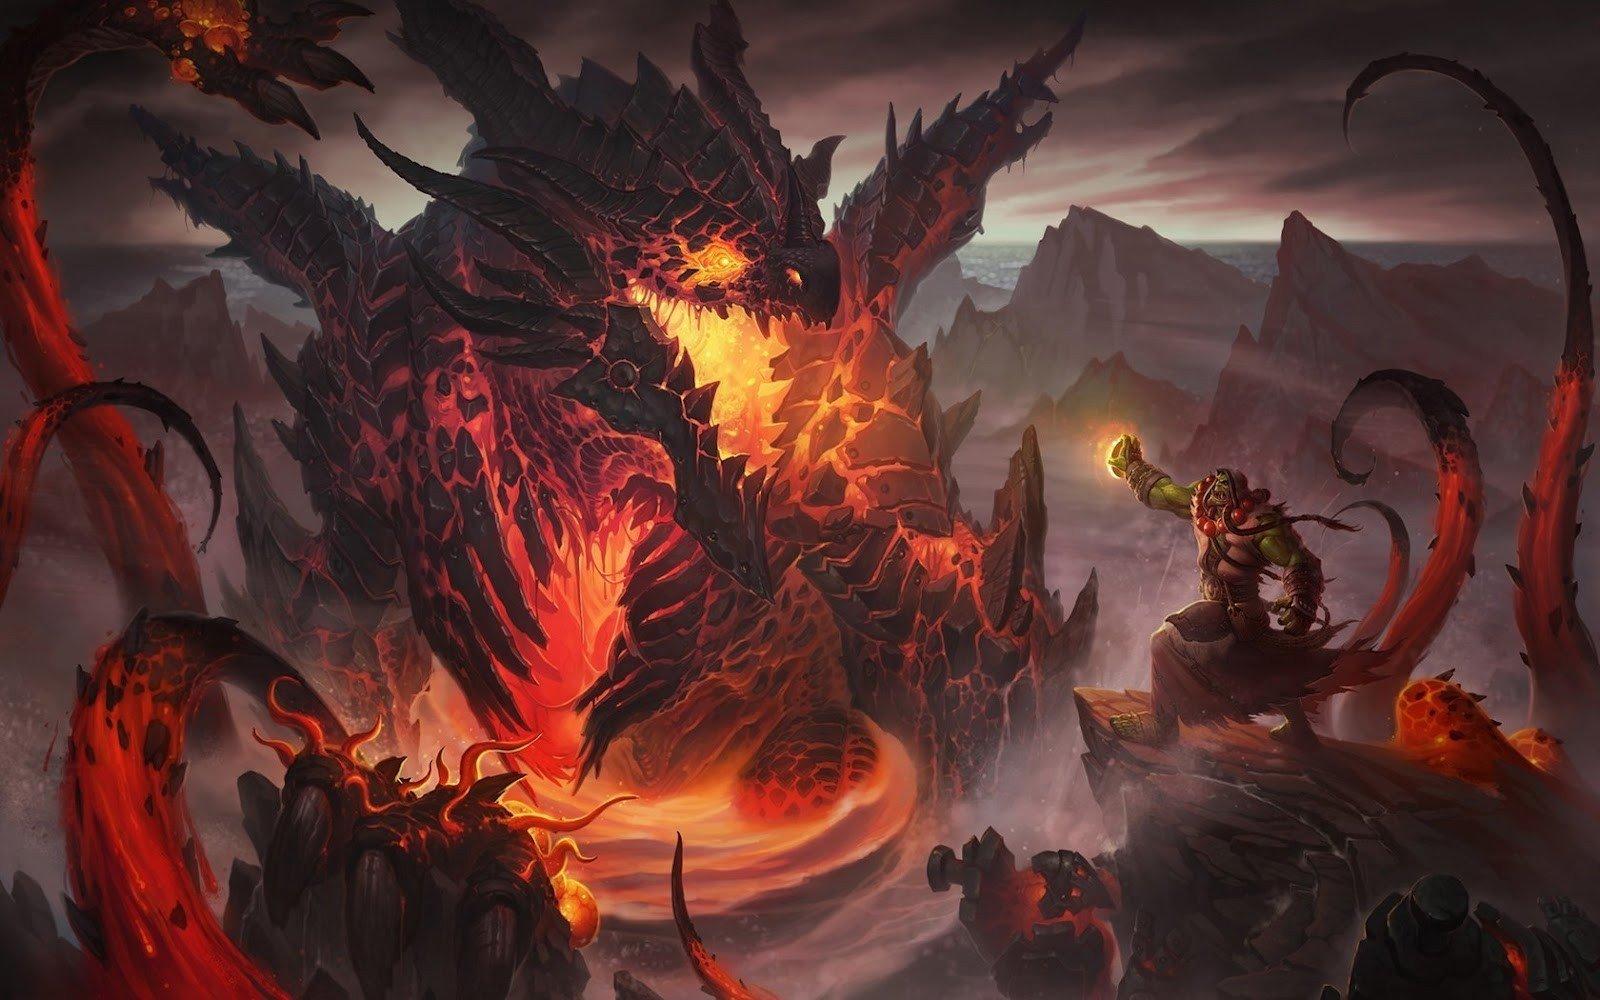 Как создавался World of Warcraft: взгляд изнутри на 20 лет разработки - 36